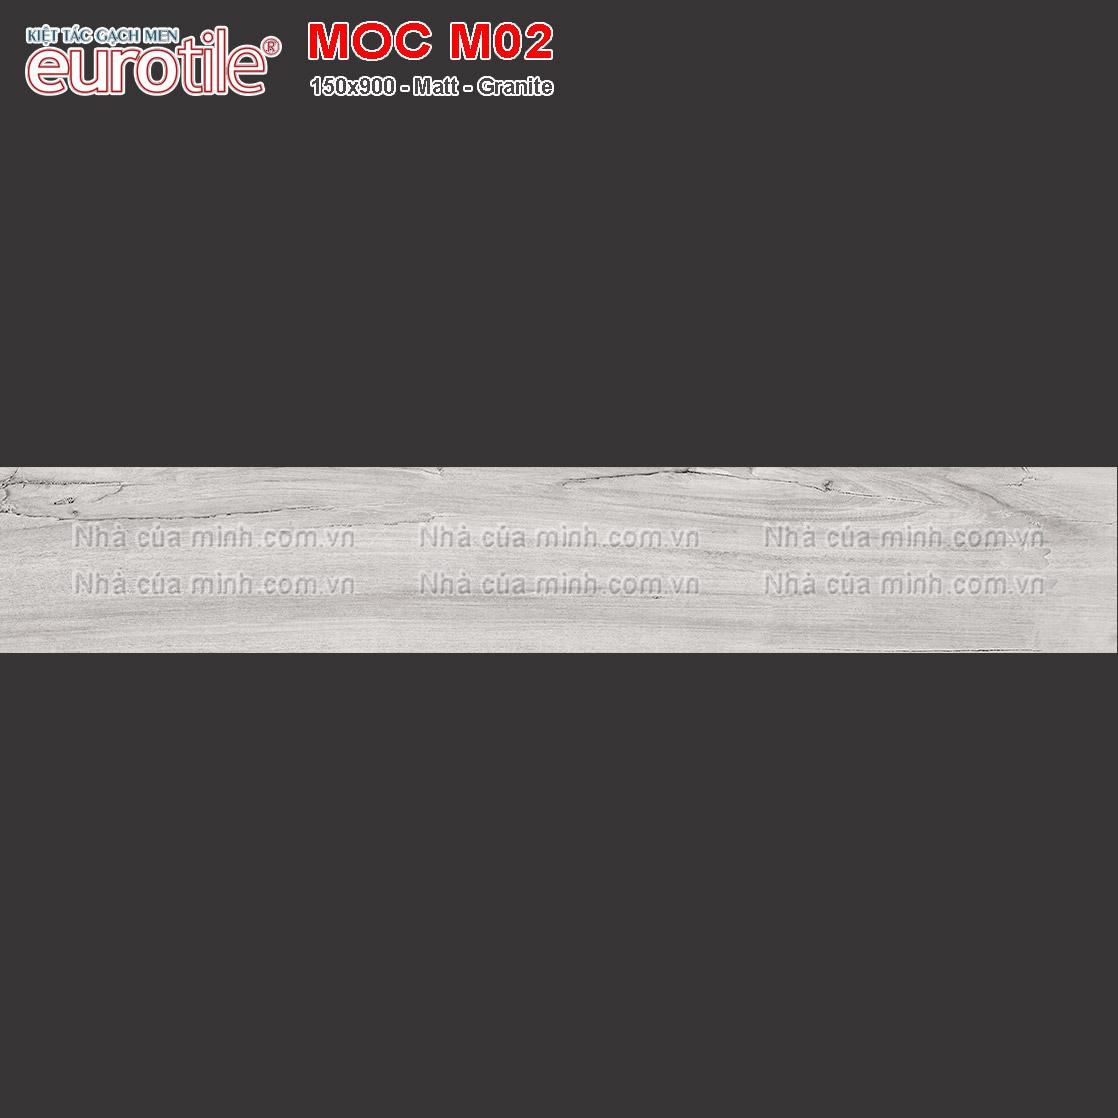 Gạch vân gỗ 150x900 Eurotile Mộc Châu MOC M02 giá rẻ